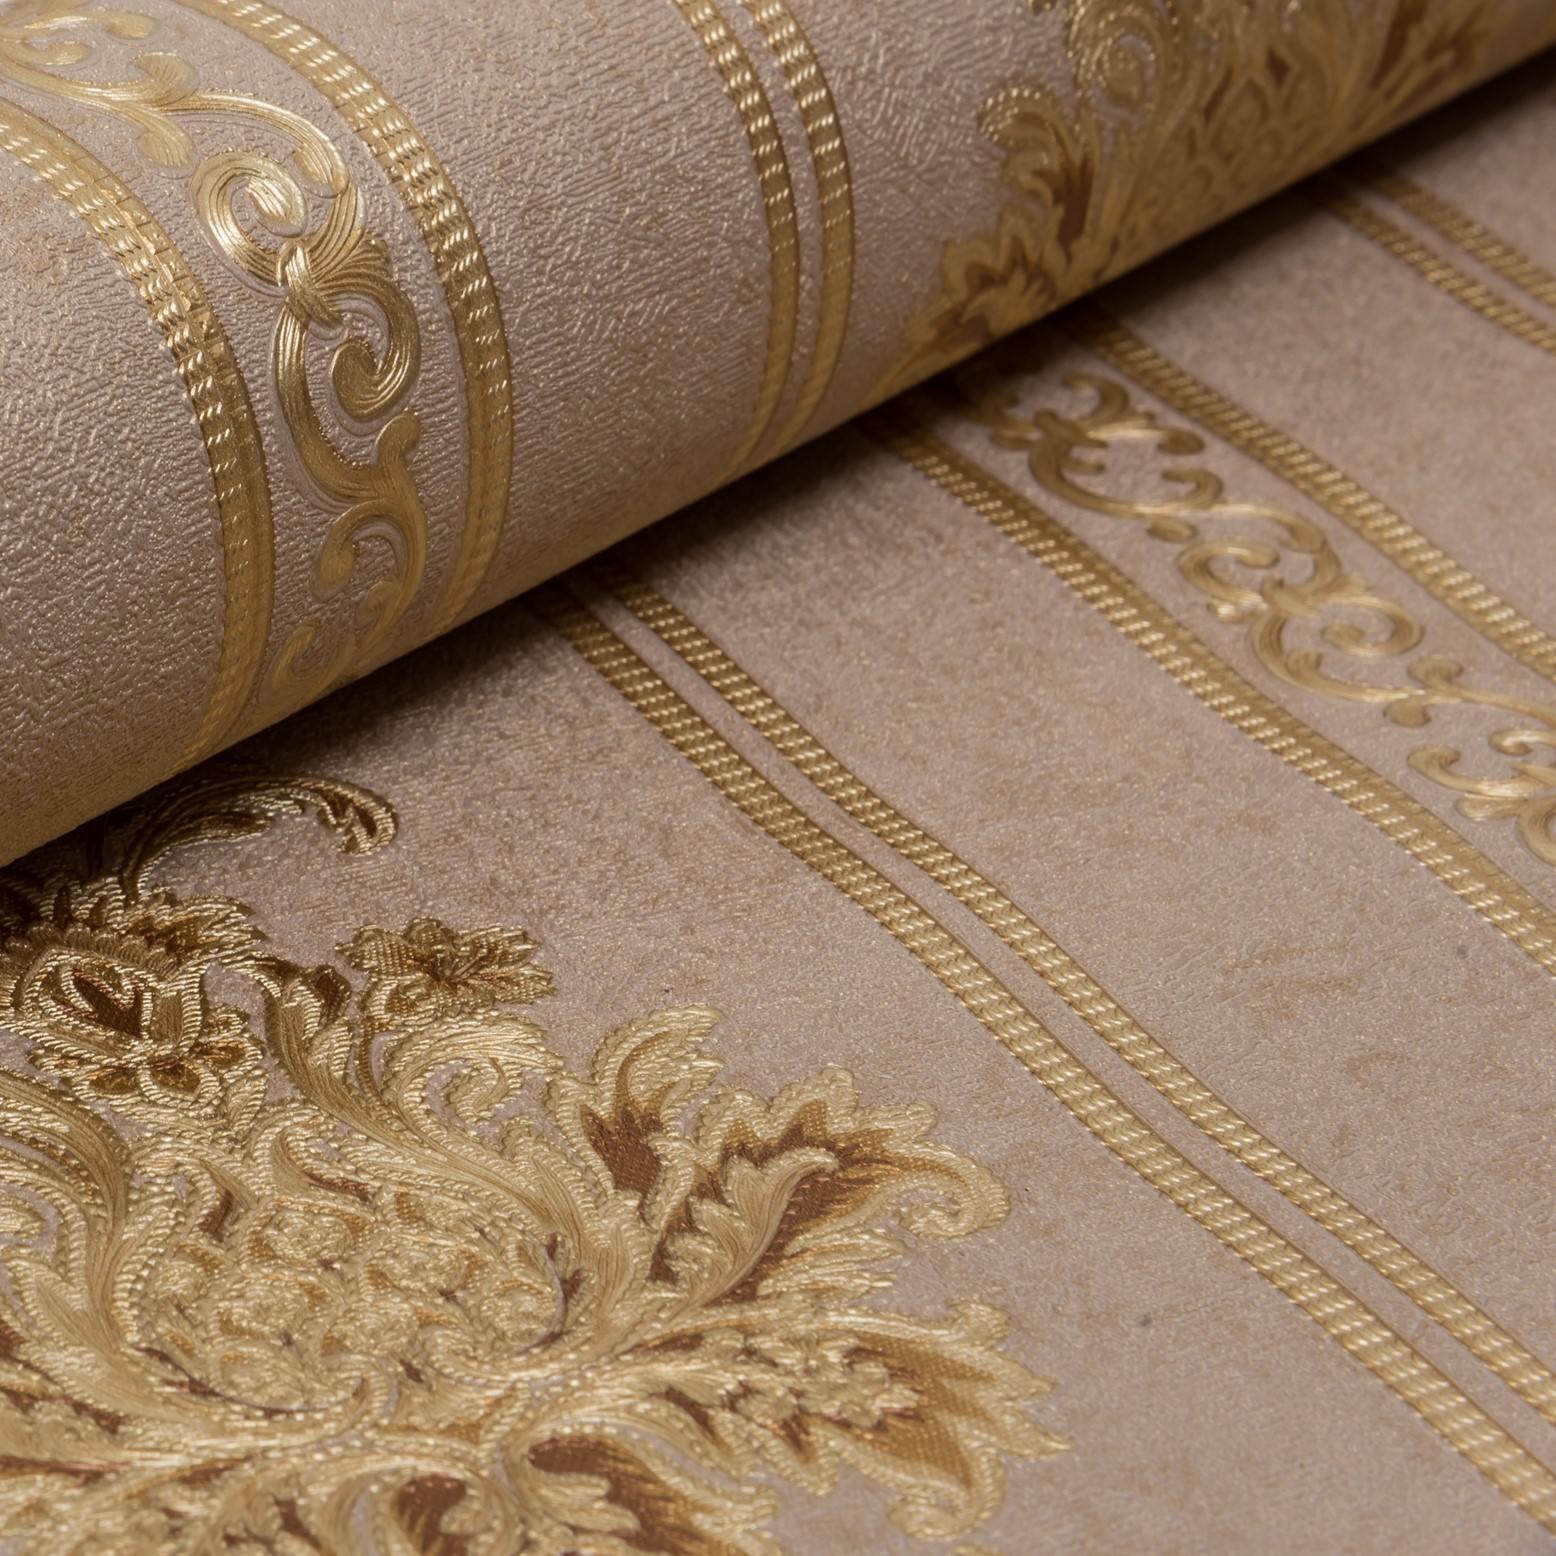 Papel de Parede Paris Decor Vinílico Coleção Colmar Damask Listras Marrom, Dourado